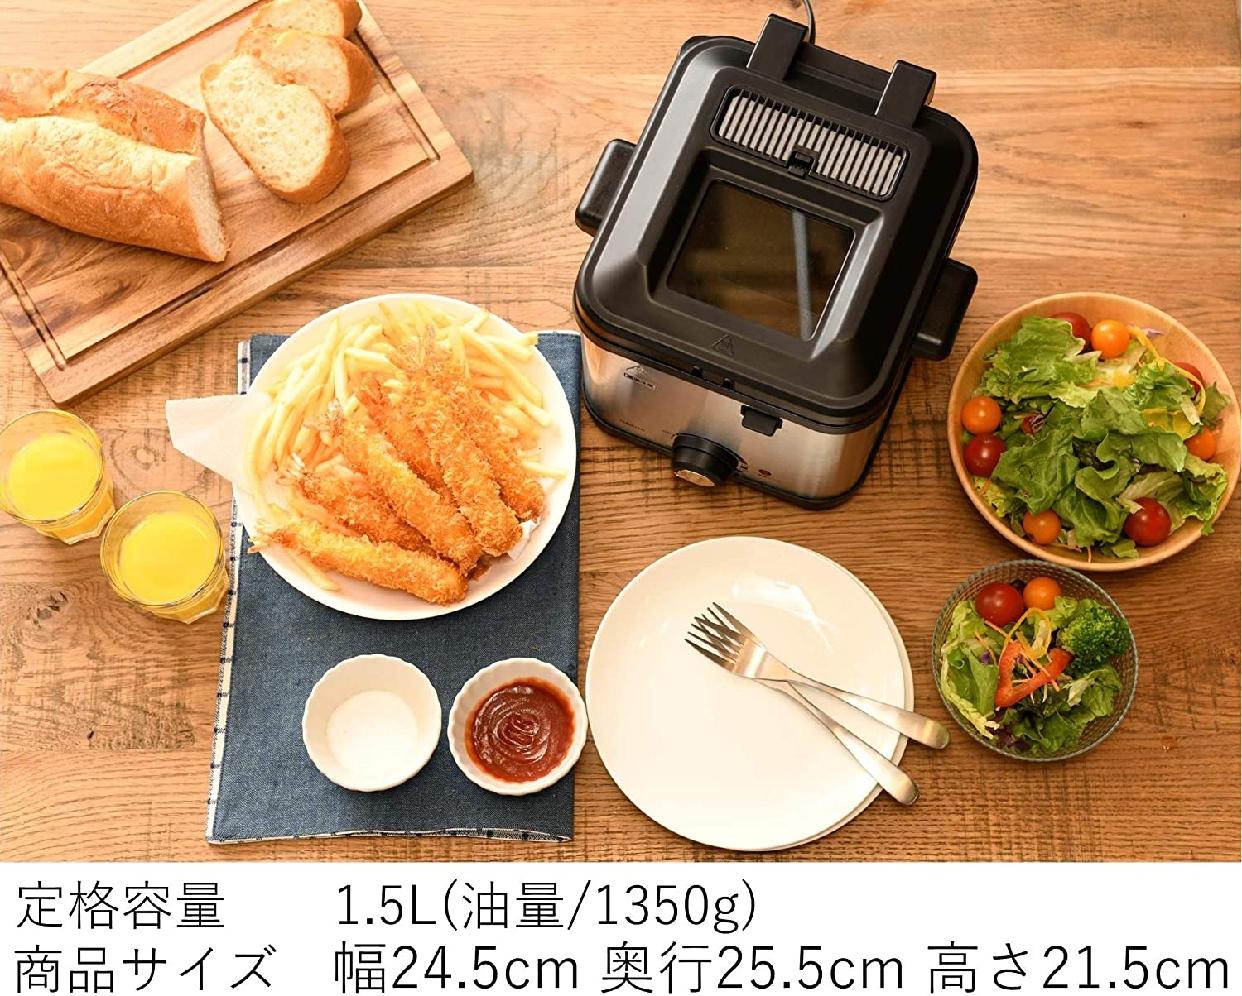 山善(YAMAZEN) 電気フライヤー  揚げ物の達人 YAD-F800(S)の商品画像7